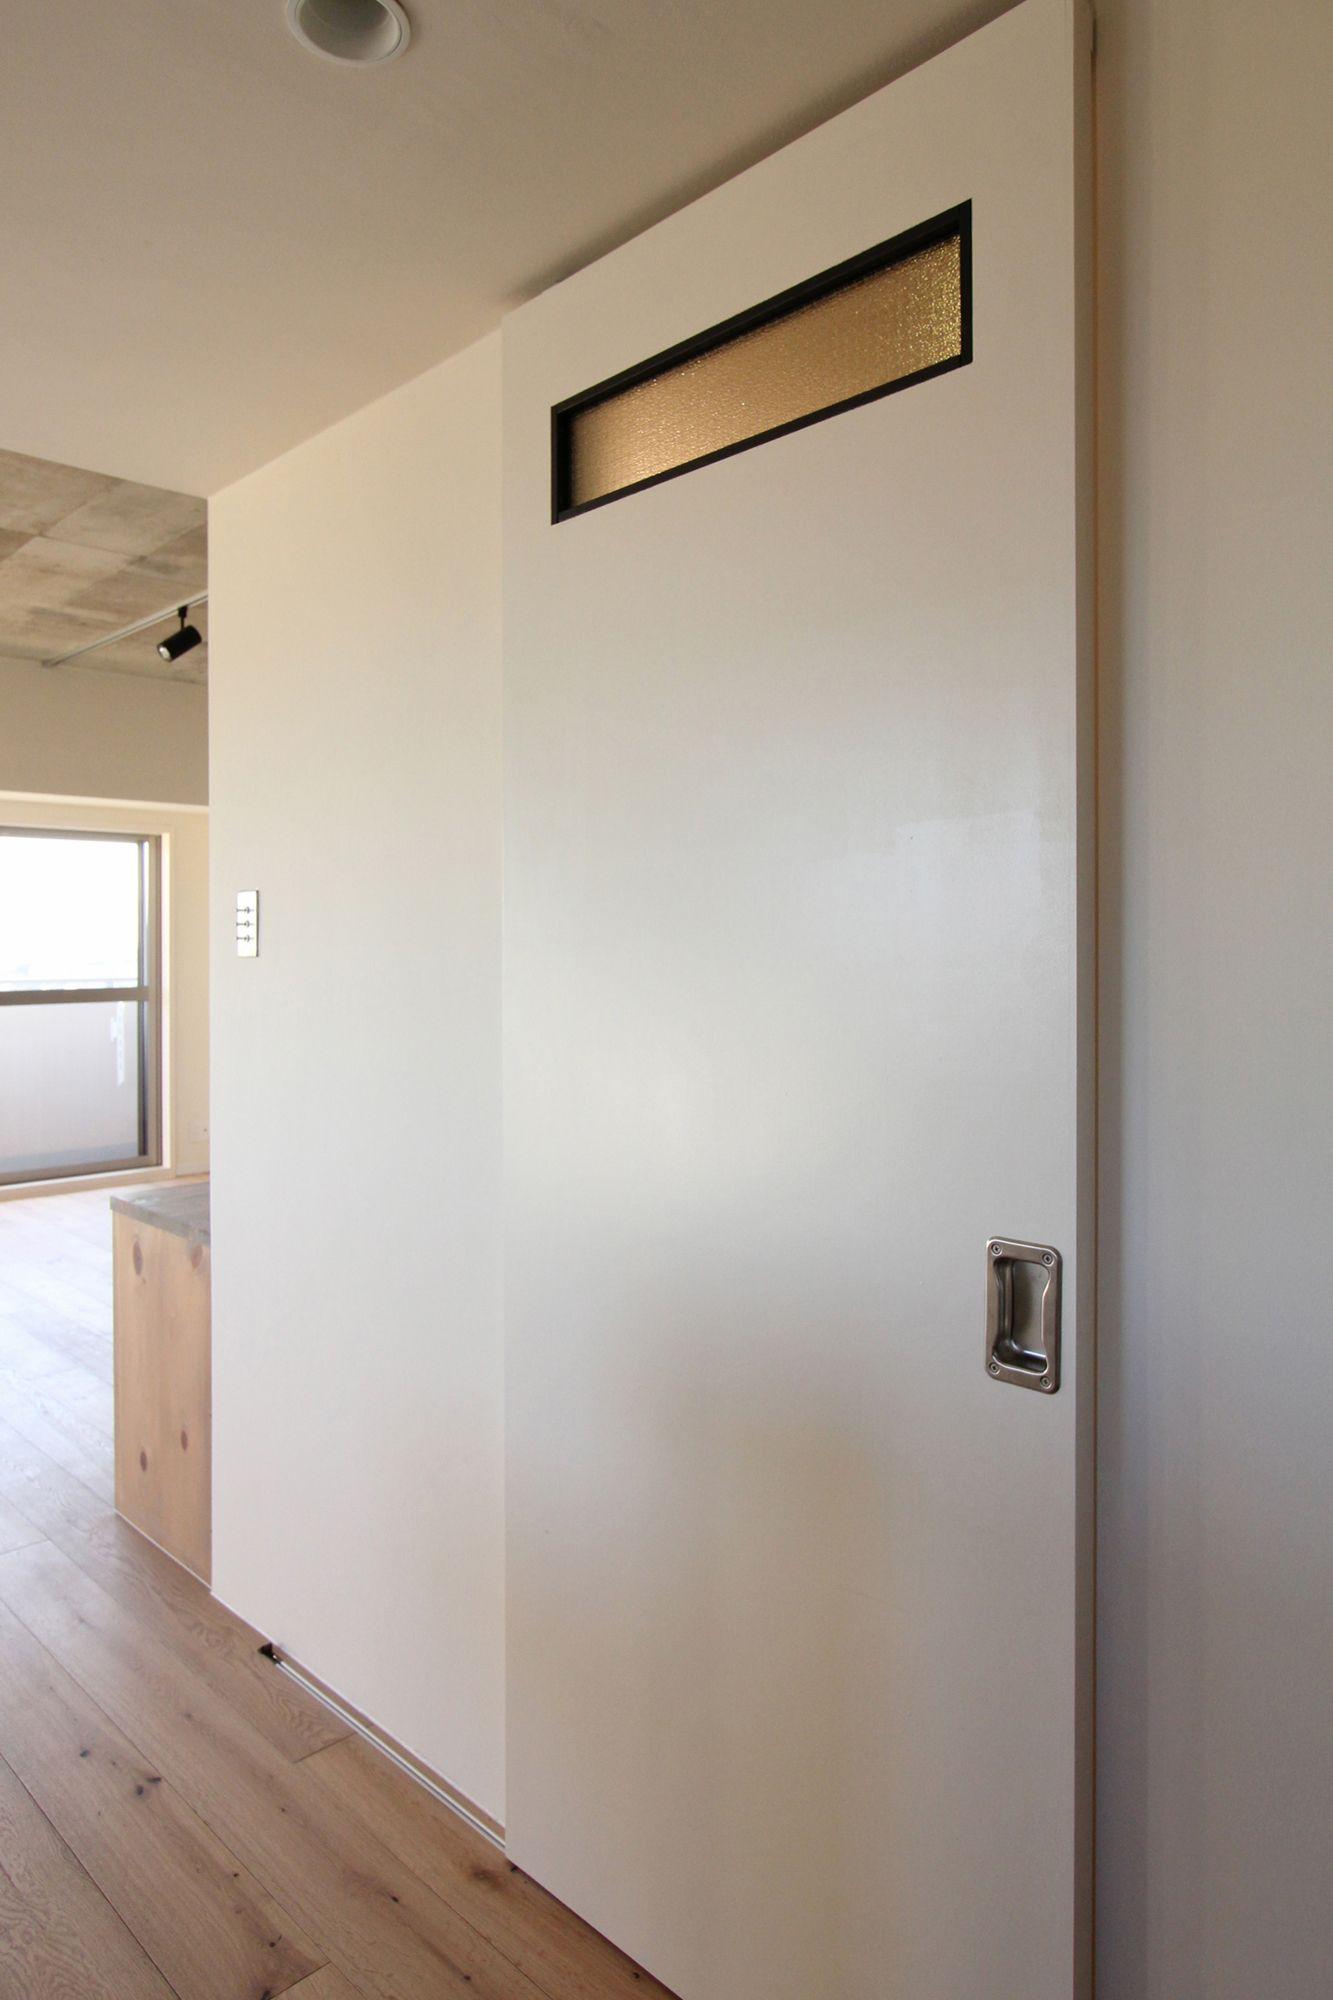 Door 扉 ハンドル ドア リノベーション リフォーム フィールドガレージ